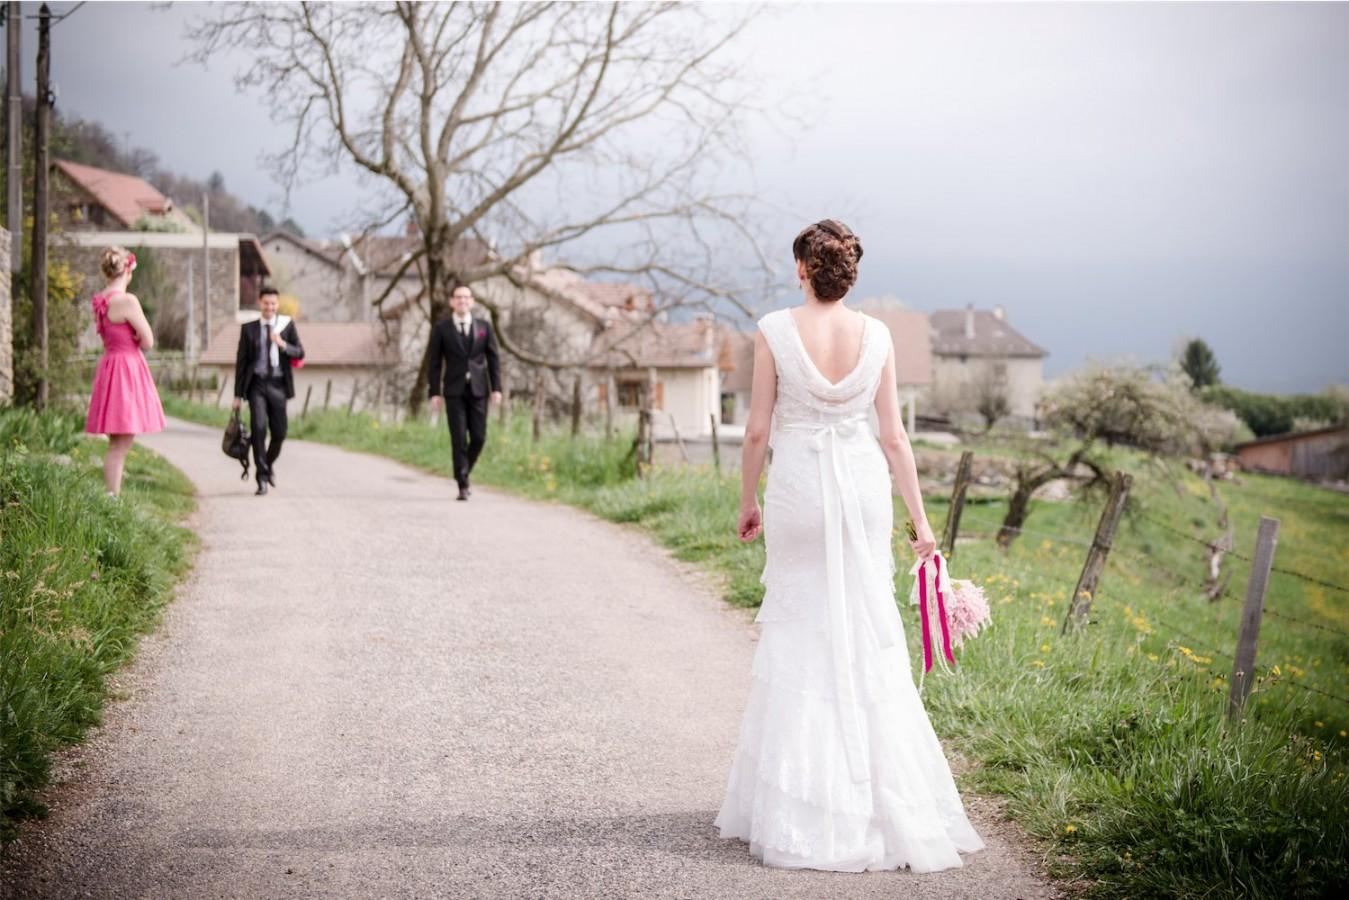 Rencontre des mariés Photographe mariage grenoble Isere Marie-Cat